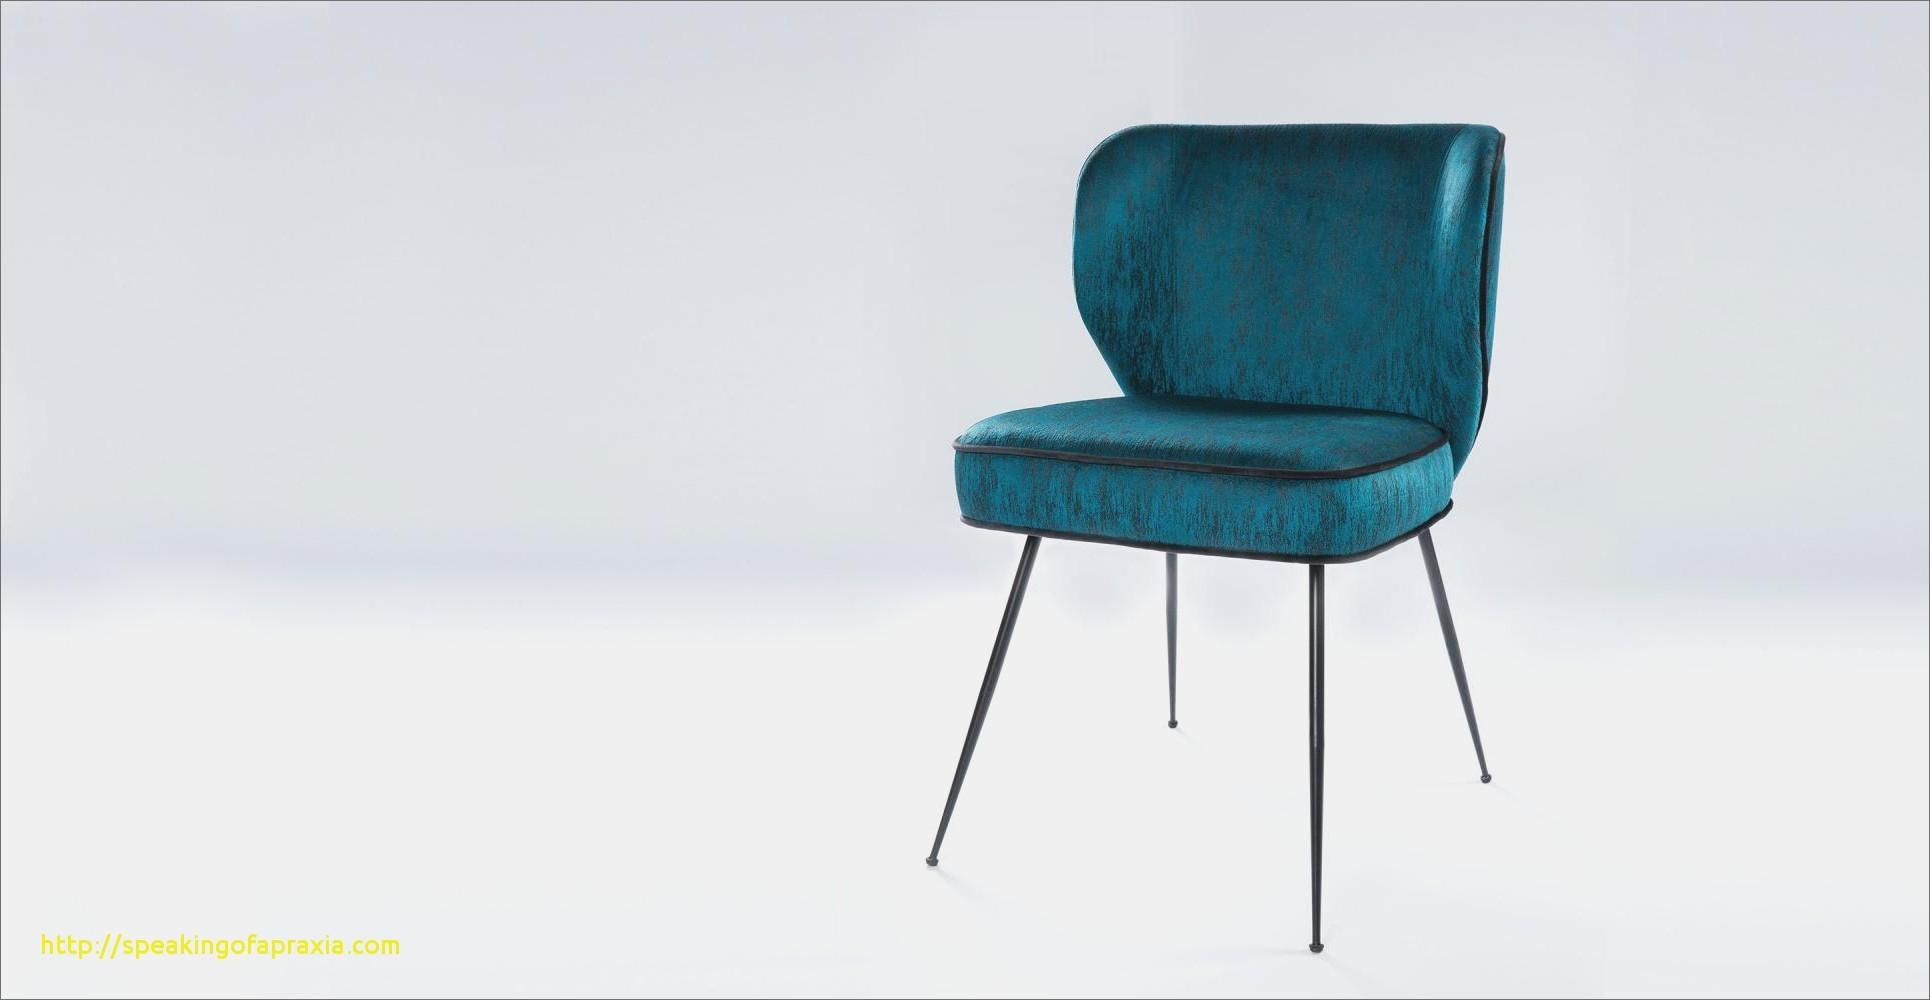 Table Pliante Carrefour Frais Collection Table Et Chaise Pliante Chaise Pliante Carrefour Canape Carrefour 0d